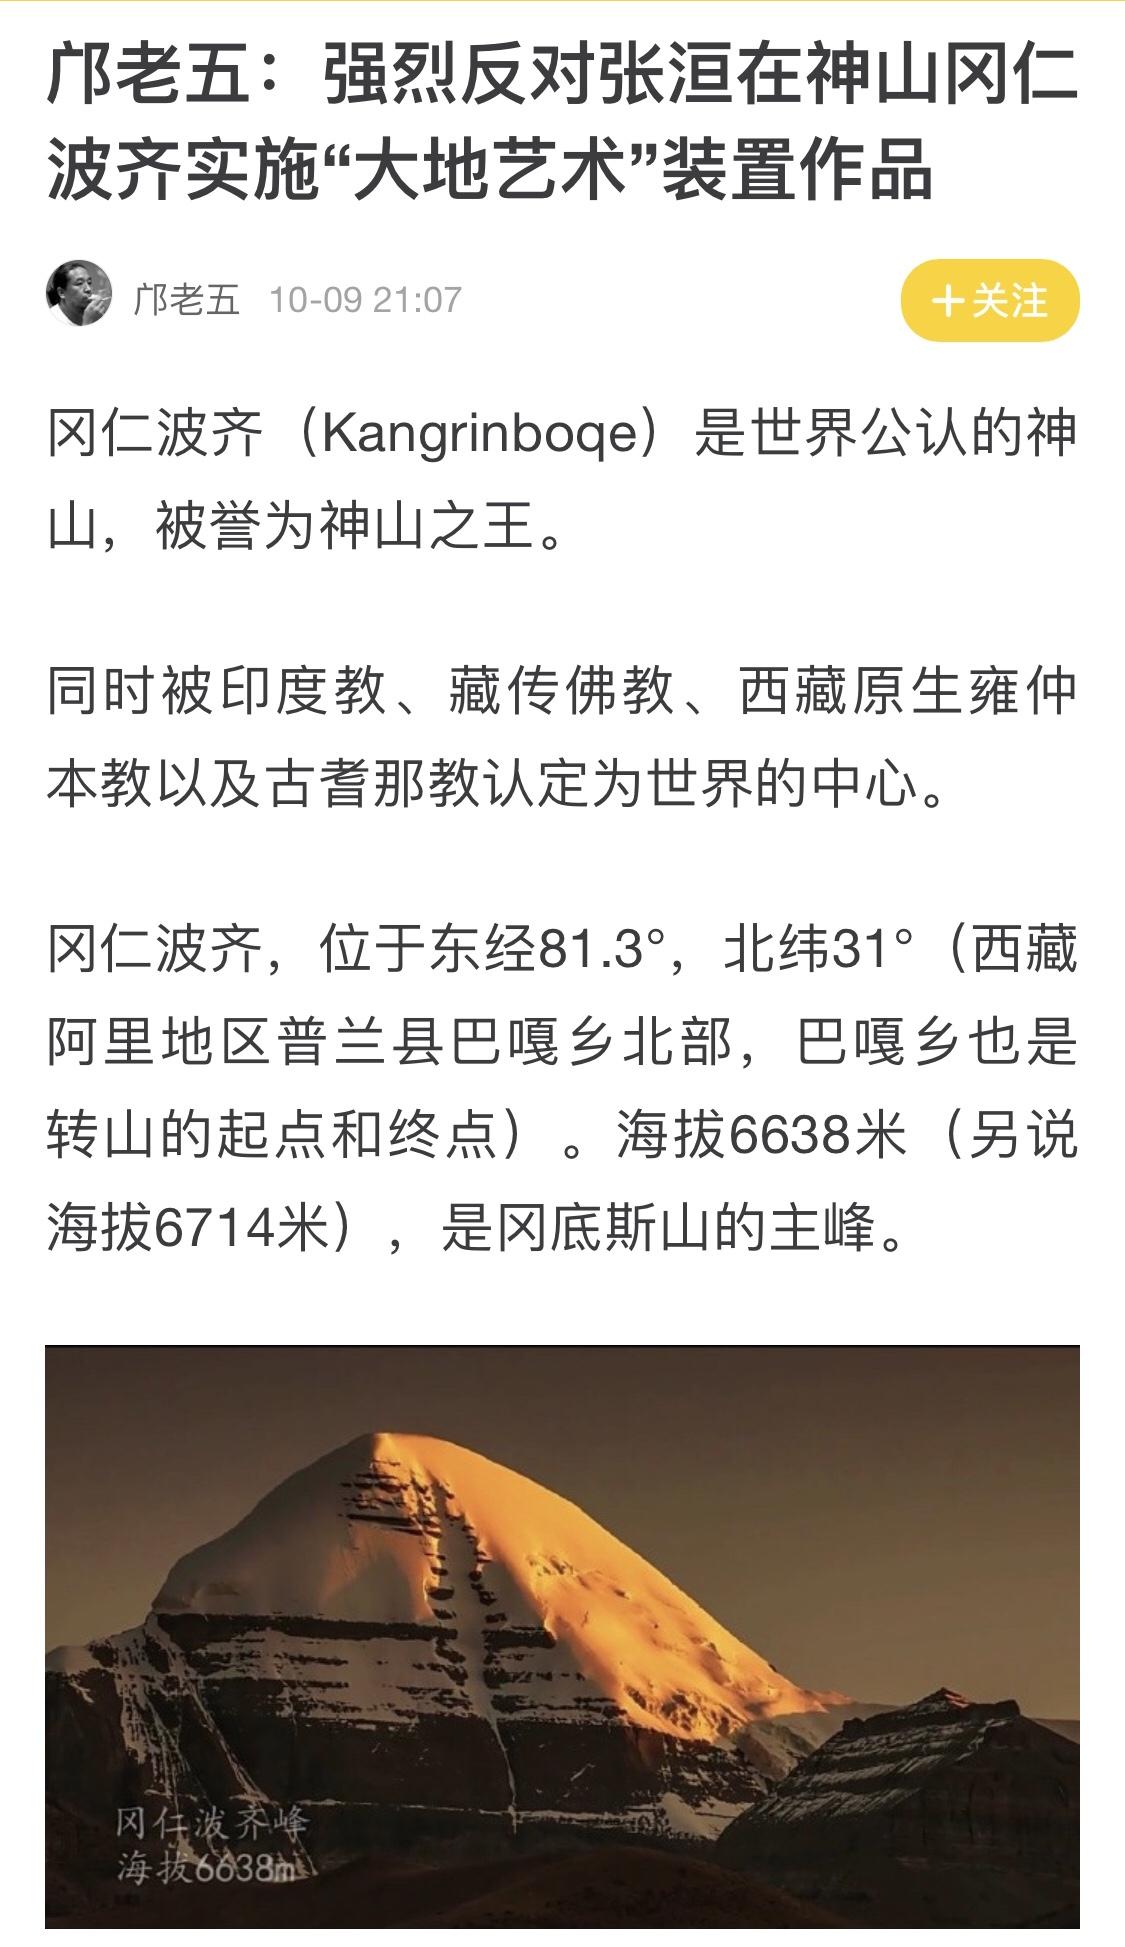 藏人艺术家邝老五在新浪微博发帖。但目前这个帖子已经看不到。(Public Domain)